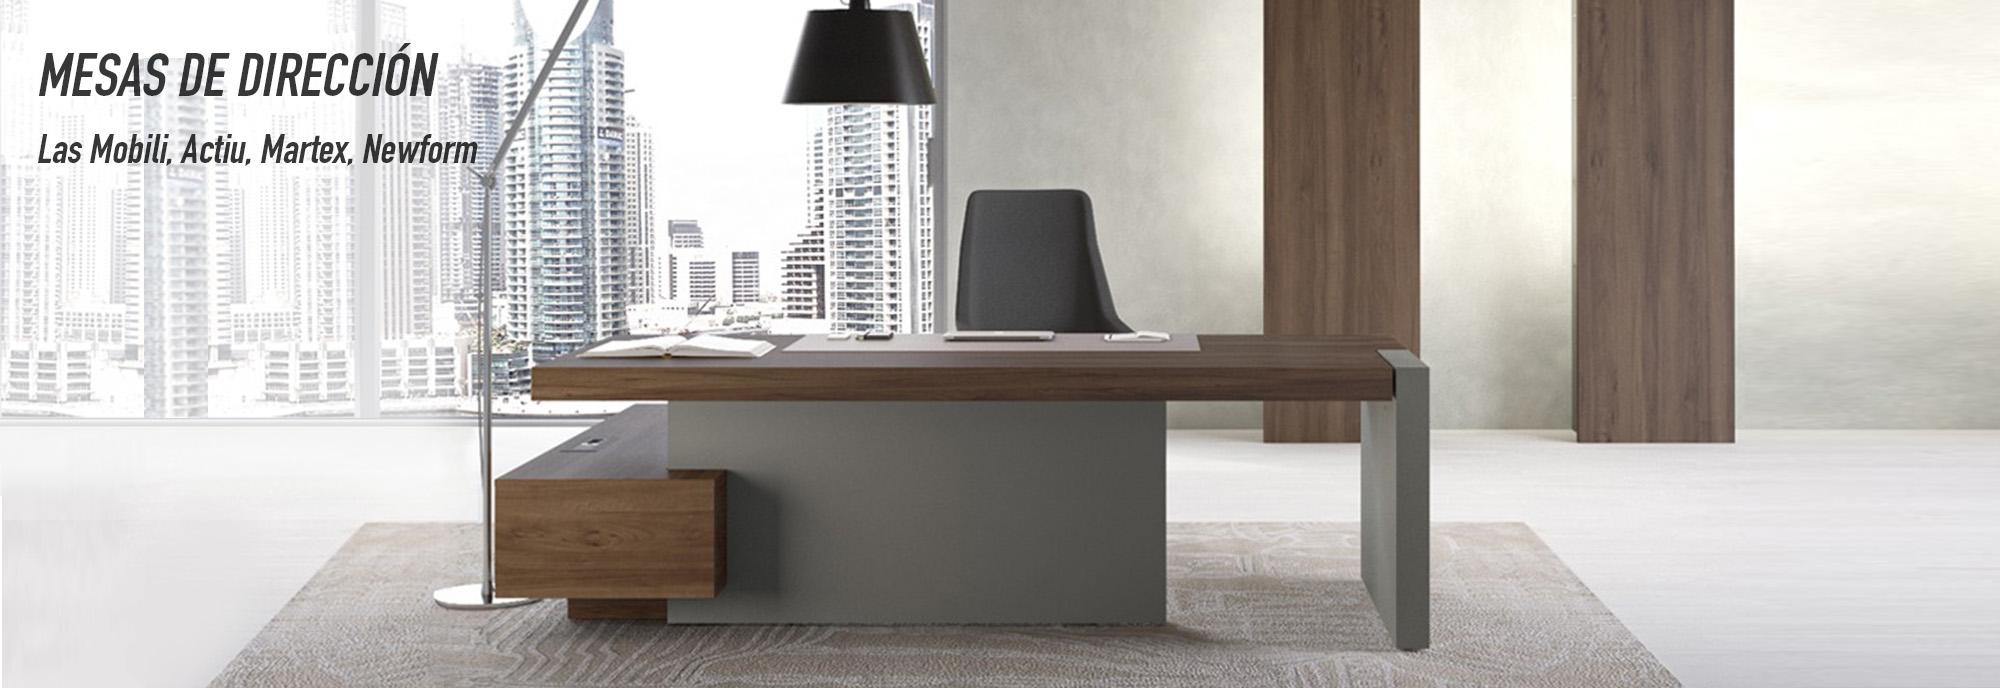 Mesas de Despacho | Mesas de Dirección | Muebles de Oficina Montiel